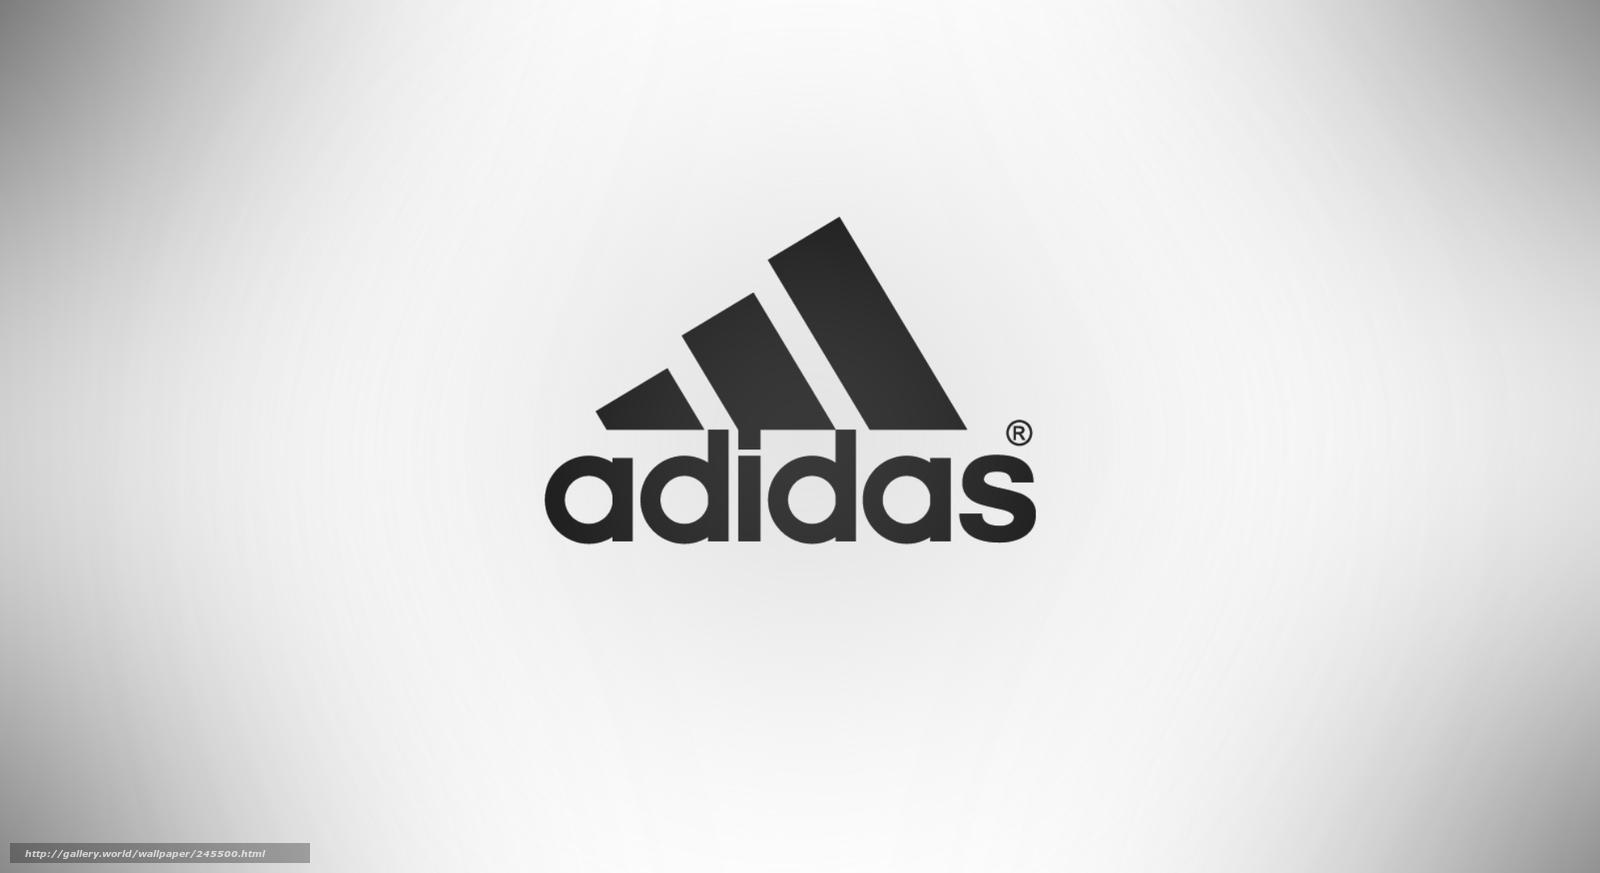 ������� �� ������� ���� ���� �������� �� ���� ������, ���� ���, �����, �����, ������, adidas, ���������� 1980x1080